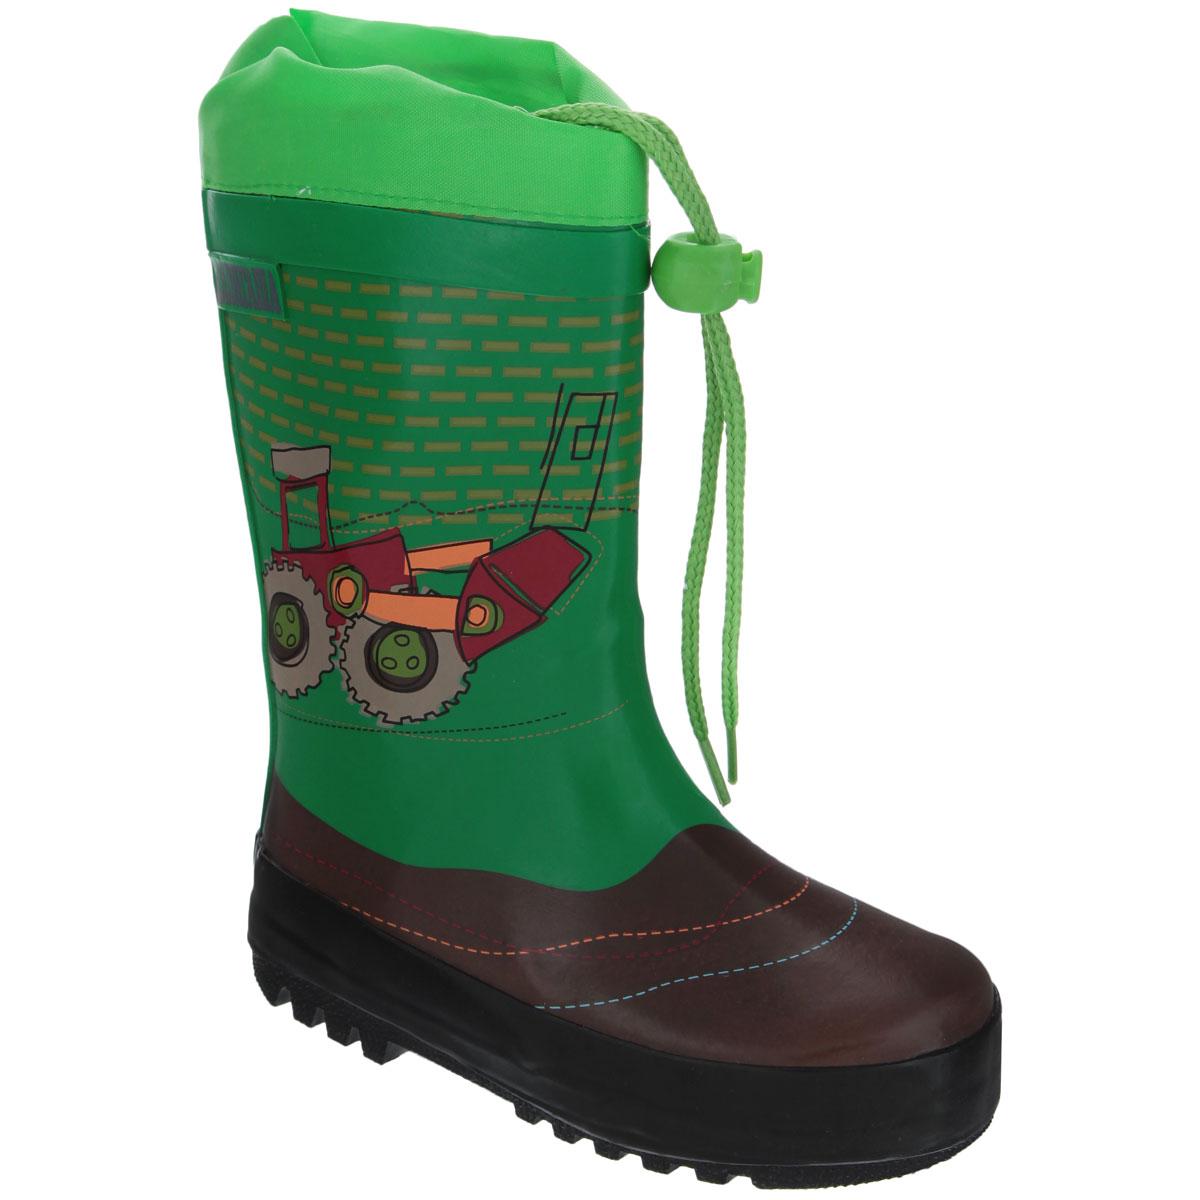 13-301Резиновые сапожки для мальчика Аллигаша - идеальная обувь в дождливую погоду. Сапоги выполнены из качественной резины и оформлены ярким принтом с изображением транспорта, а также логотипом бренда. Подкладка, выполненная из текстиля, подарит ощущение комфорта вашему ребенку. Главным преимуществом резиновых сапожек является наличие съемного текстильного носочка, что позволяет носить сапожки не только дождливым летом, но и сырой прохладной осенью. Текстильный верх голенища регулируется в объеме за счет шнурка со стоппером. Резиновые сапожки прекрасно защитят ножки вашего ребенка от промокания в дождливый день.